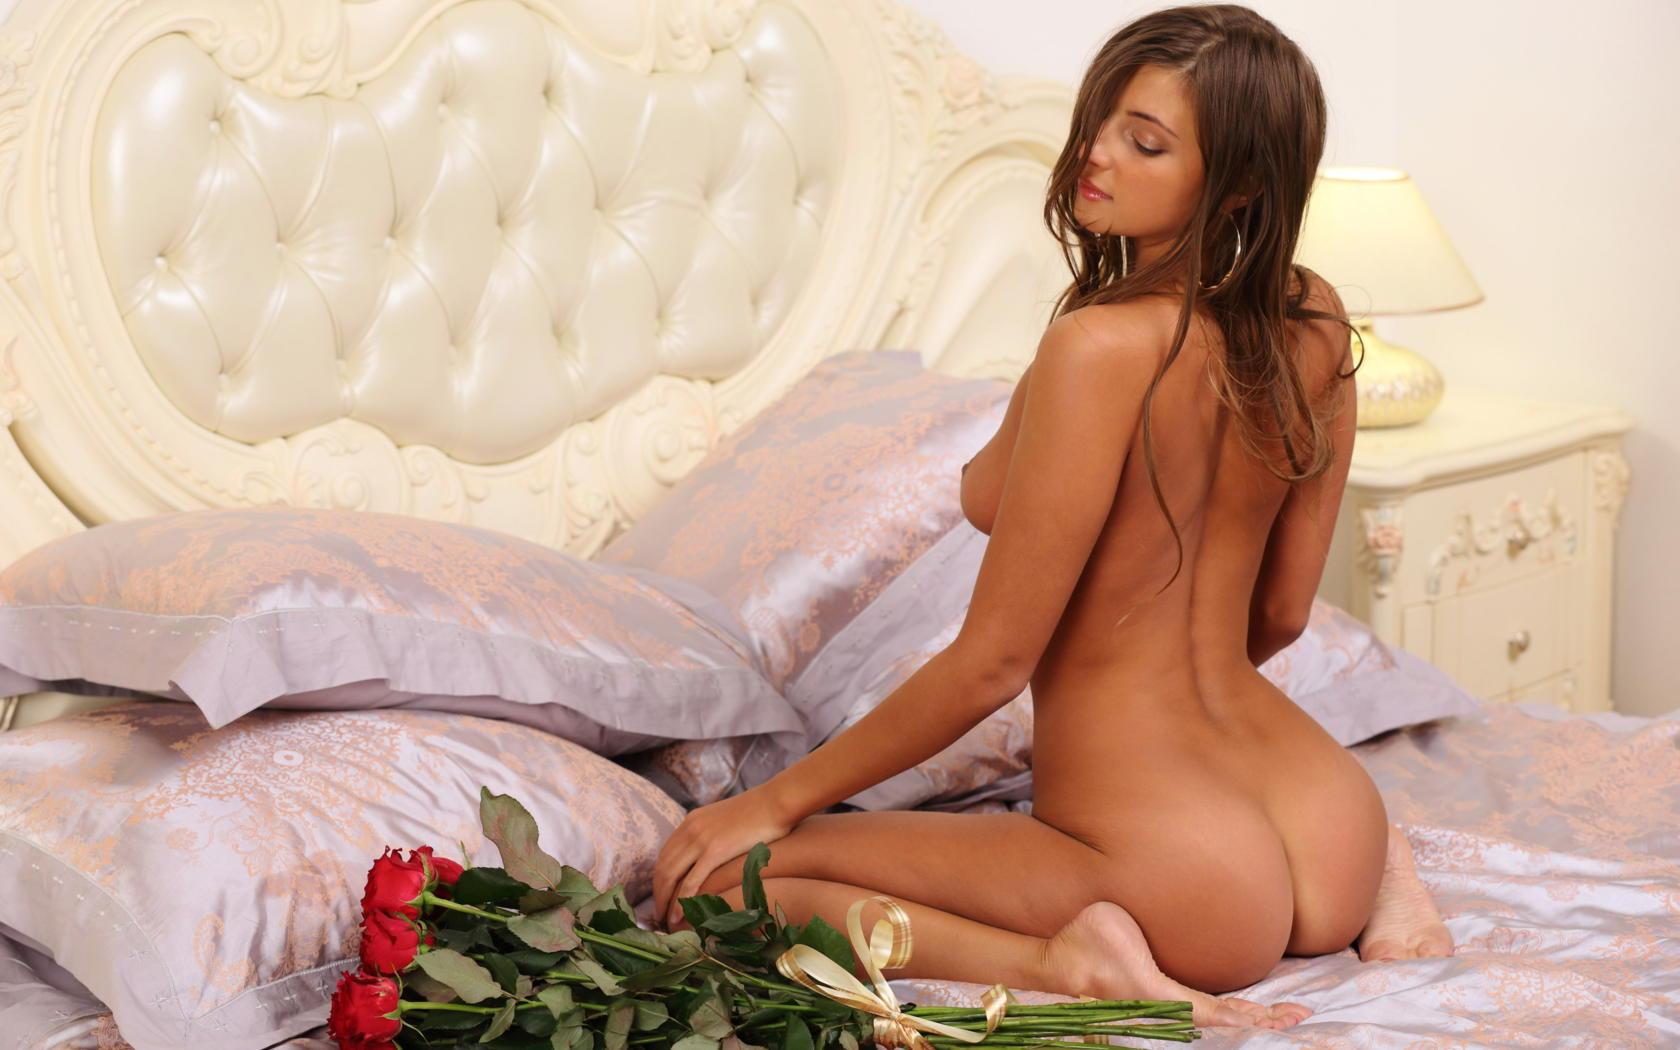 Russian masha e nude